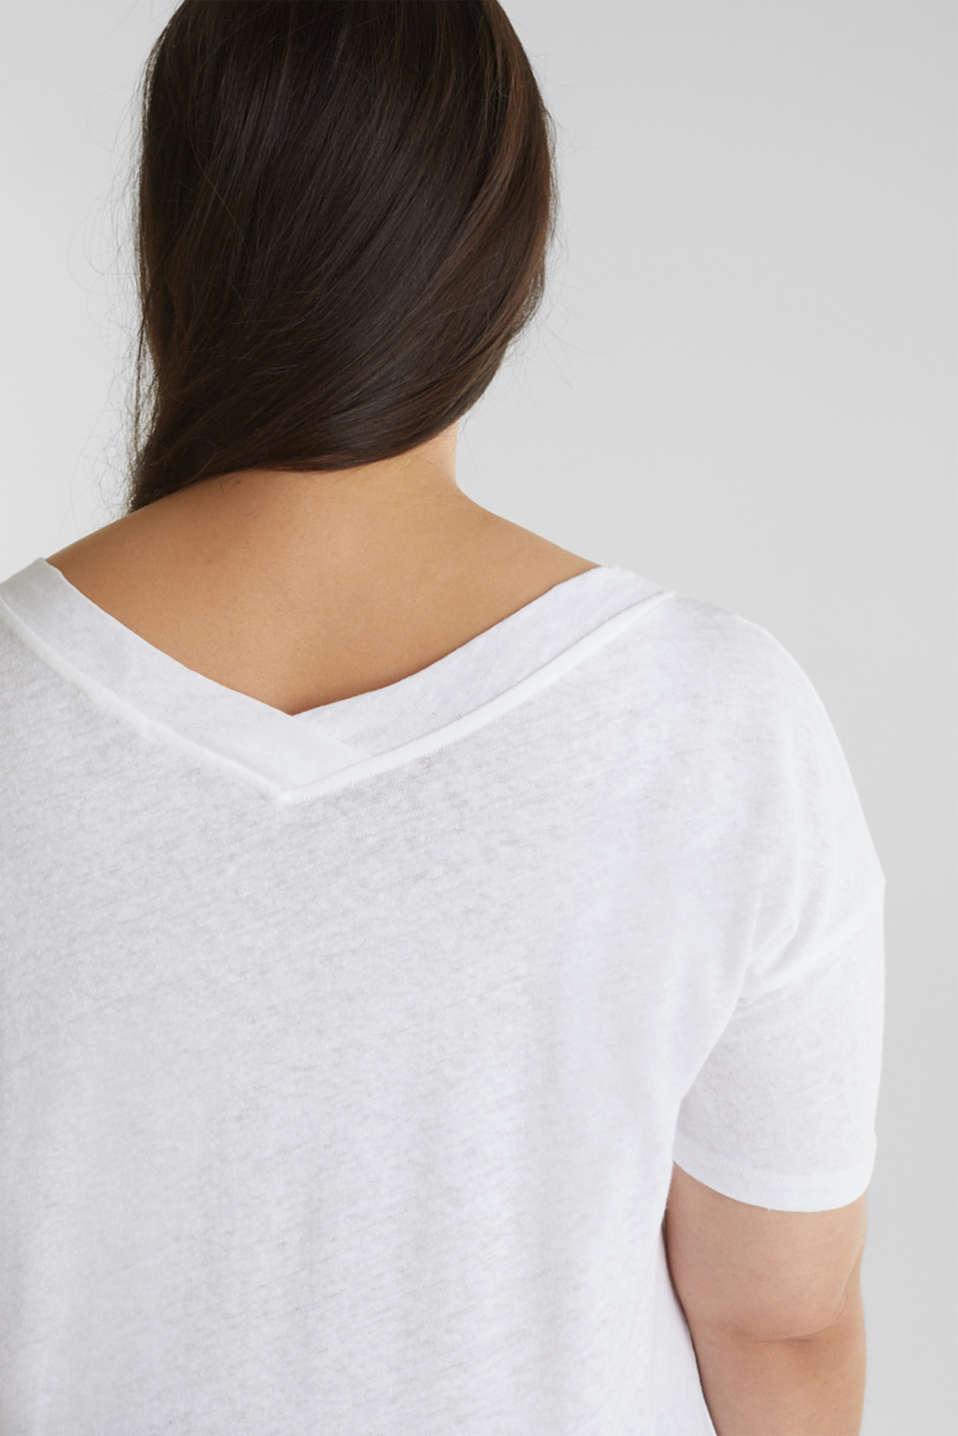 Linen blend CURVY V-neck top, WHITE, detail image number 2